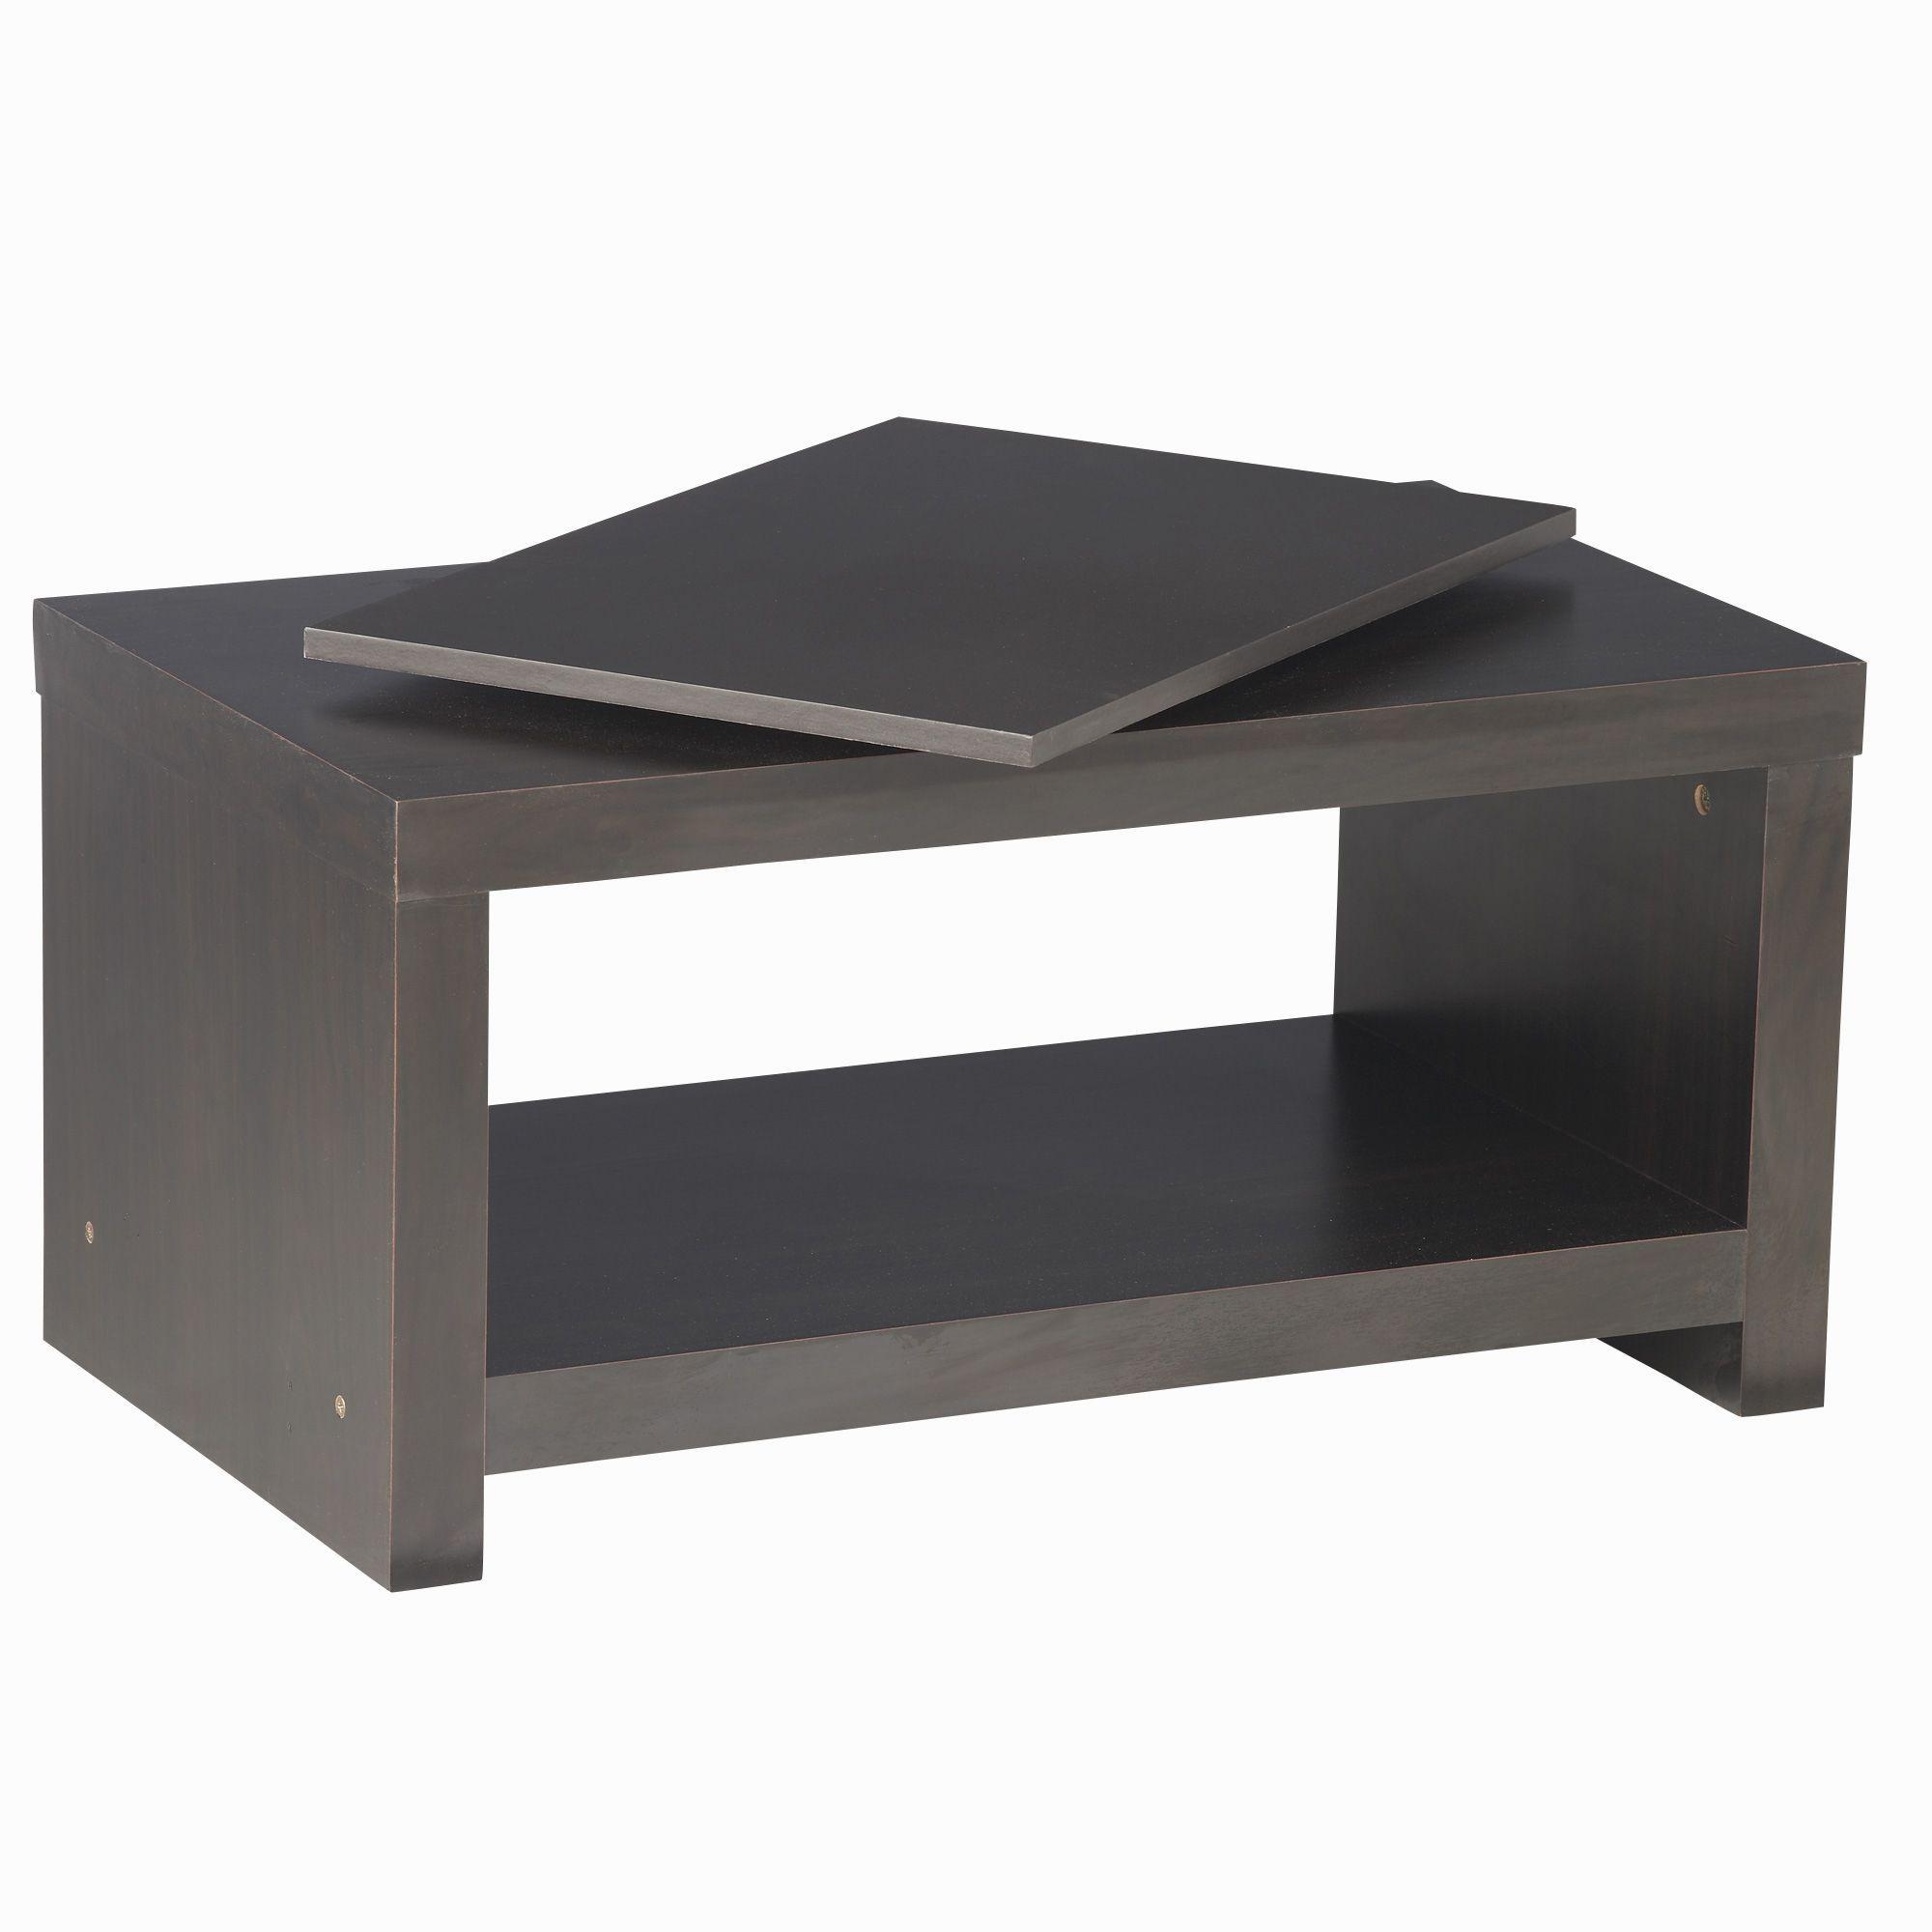 Plateau rotatif pour meuble télé Wengé - Bob - Les meubles télé - Les meubles et accessoires tv - Salon et salle à manger - Décoration d'intérieur - Alinéa